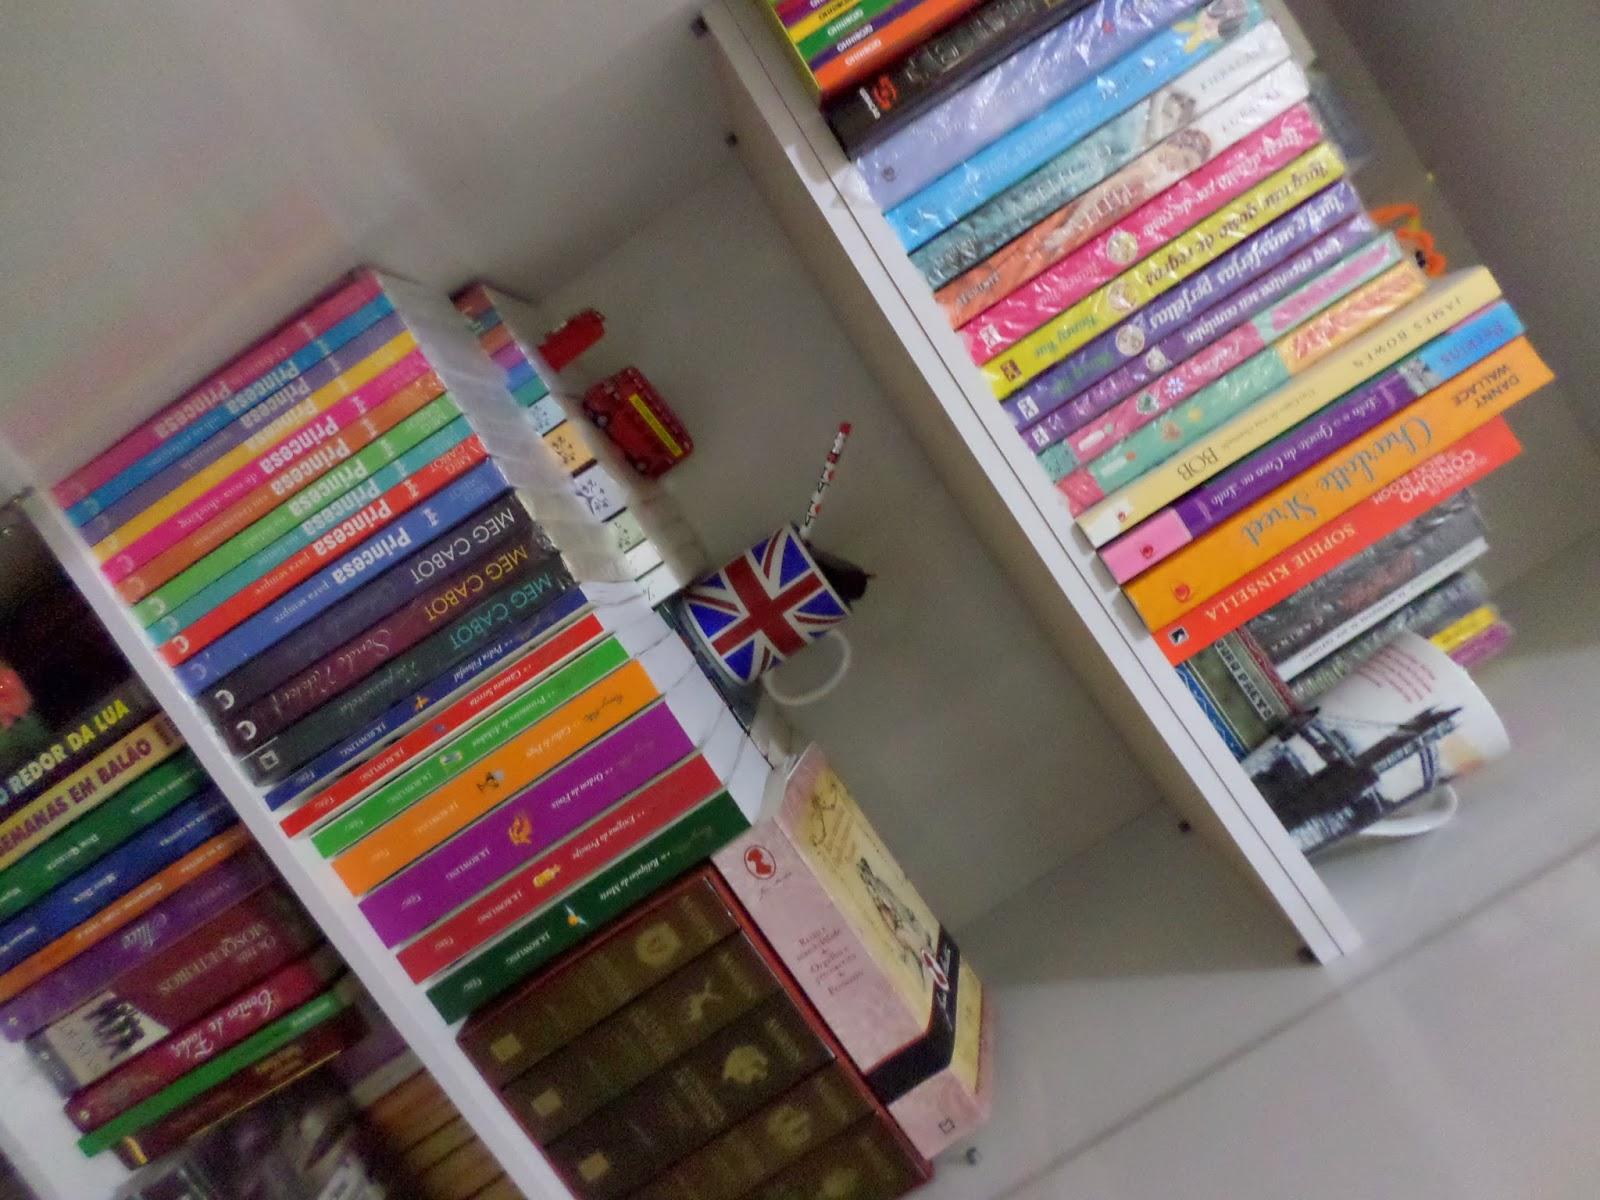 oi galera dê uma olhada na sua estante além de um monte de livros  #A76424 1600x1200